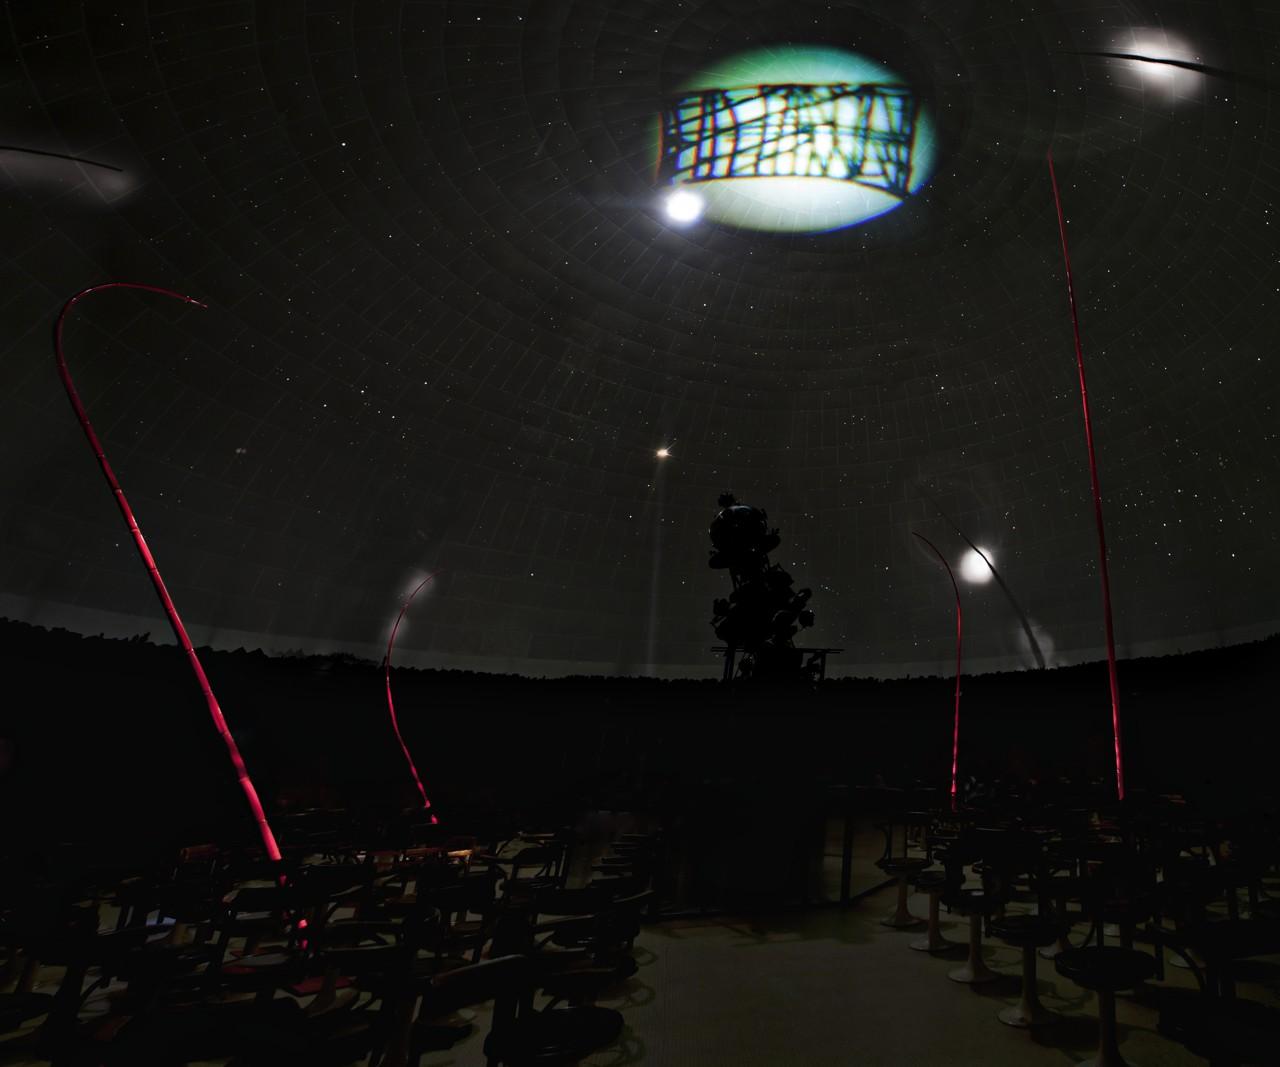 Marco Bagnoli, Rotazione apparente, 2011. Civico Planetario Ulrico Hoepli, Milano 2011.